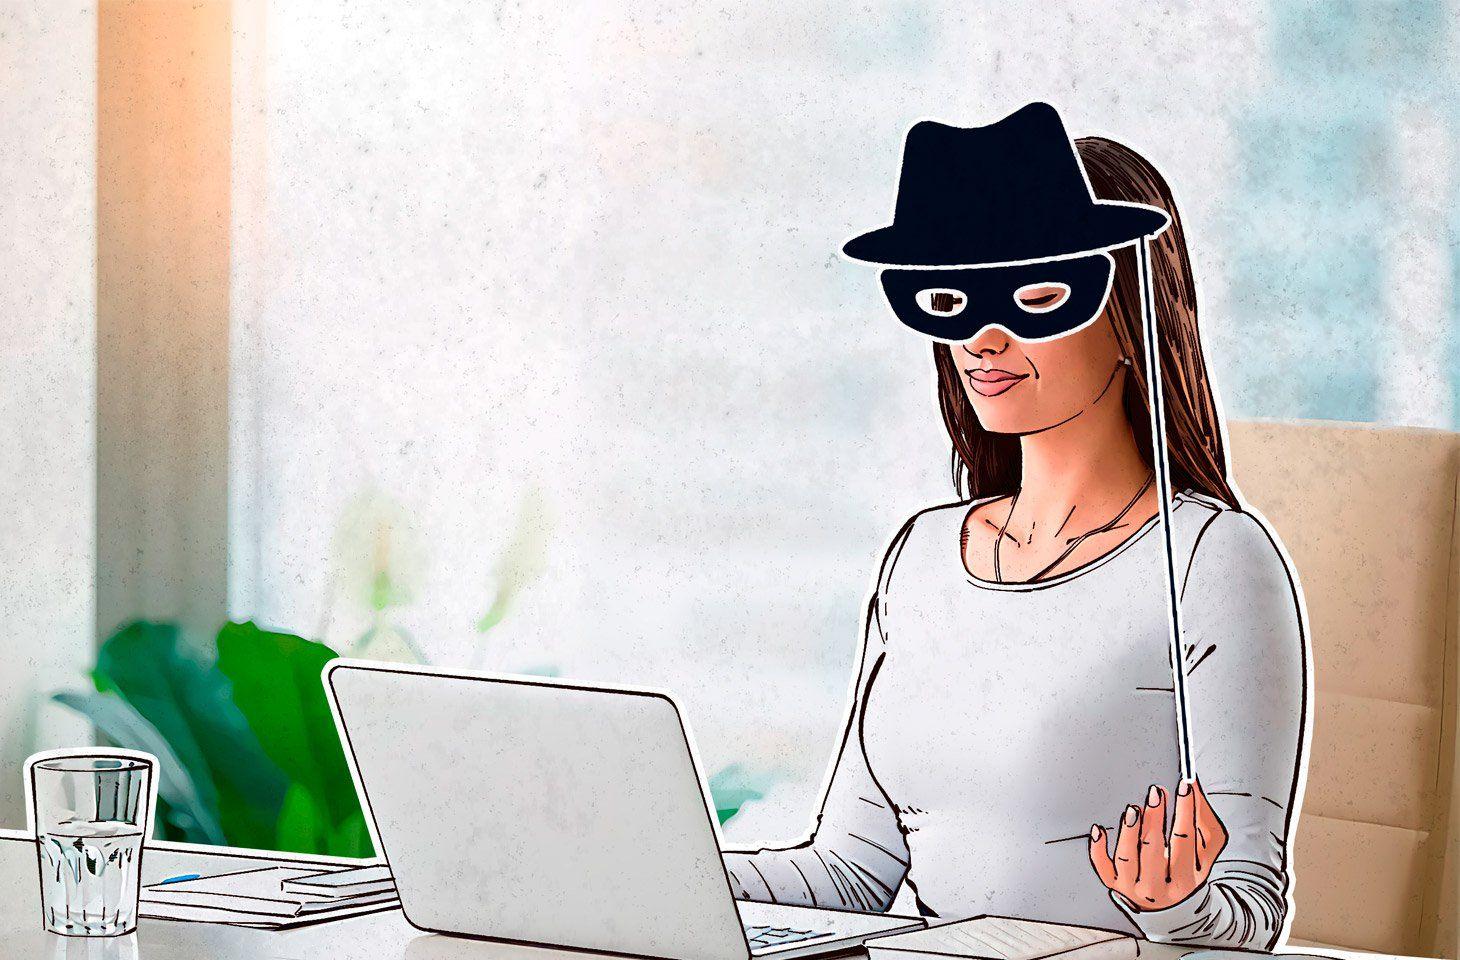 Режим инкогнито в вашем браузере: вопросы и ответы